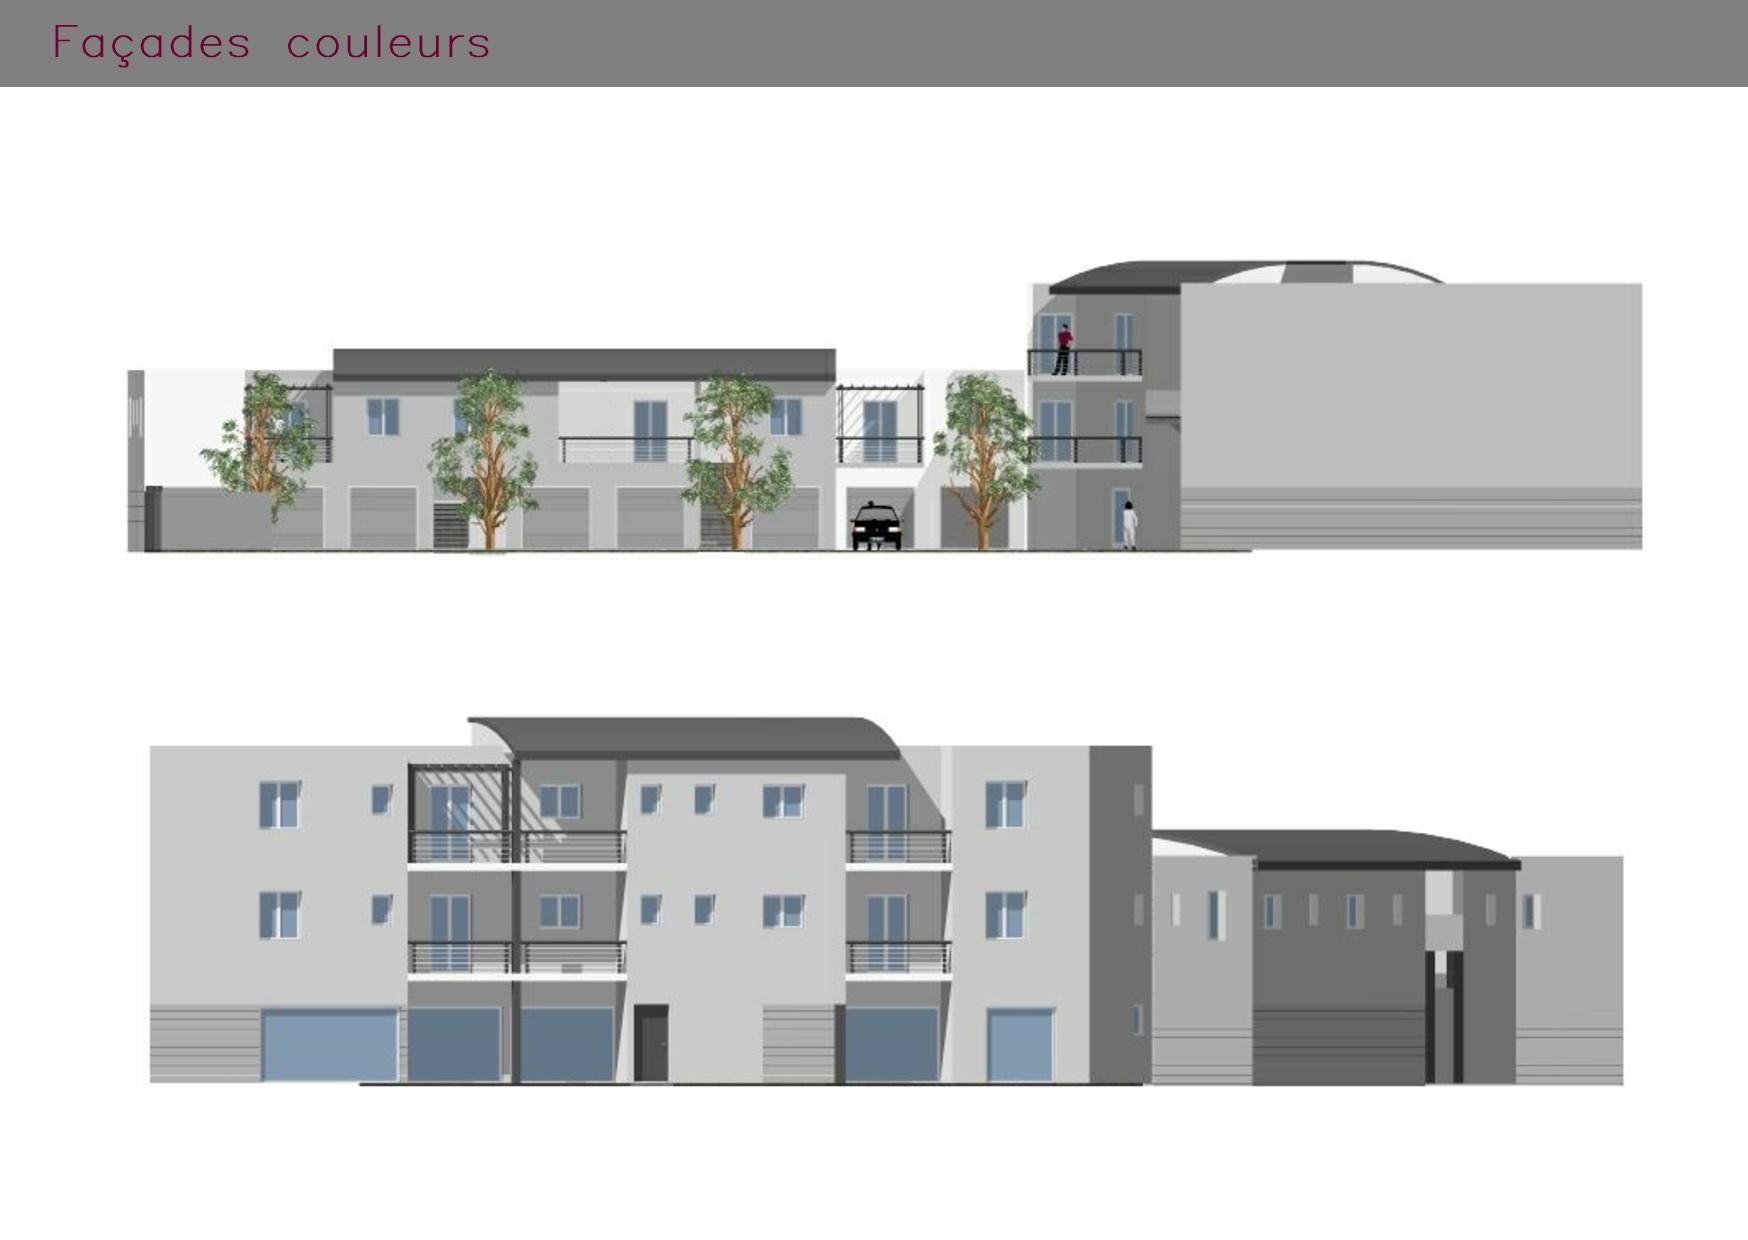 Immeuble : façades en couleurs